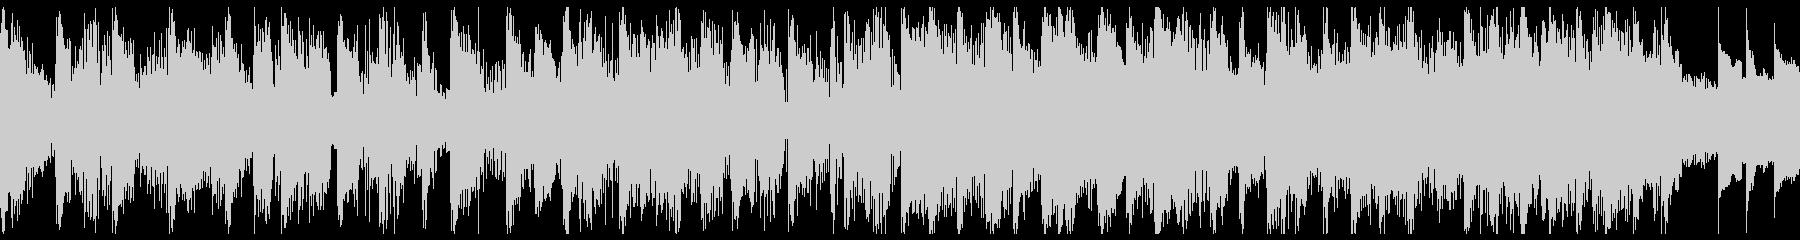 軽快でオシャレなEDM(15秒)の未再生の波形